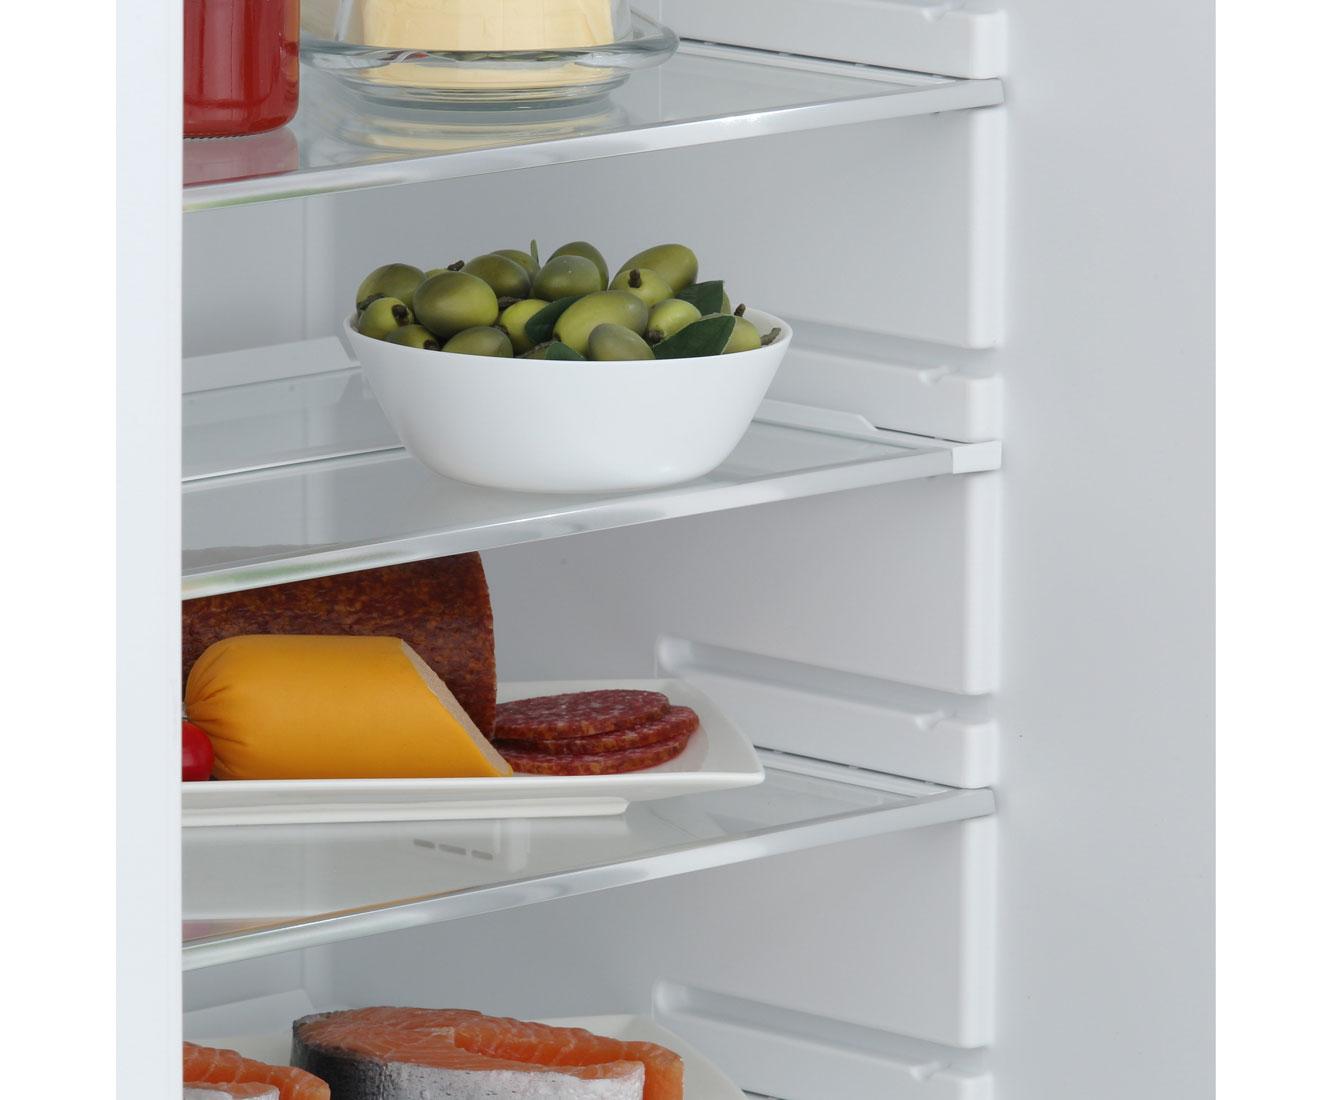 Bosch Kühlschrank Zu Laut : Bosch serie kil af einbau kühlschrank mit gefrierfach er